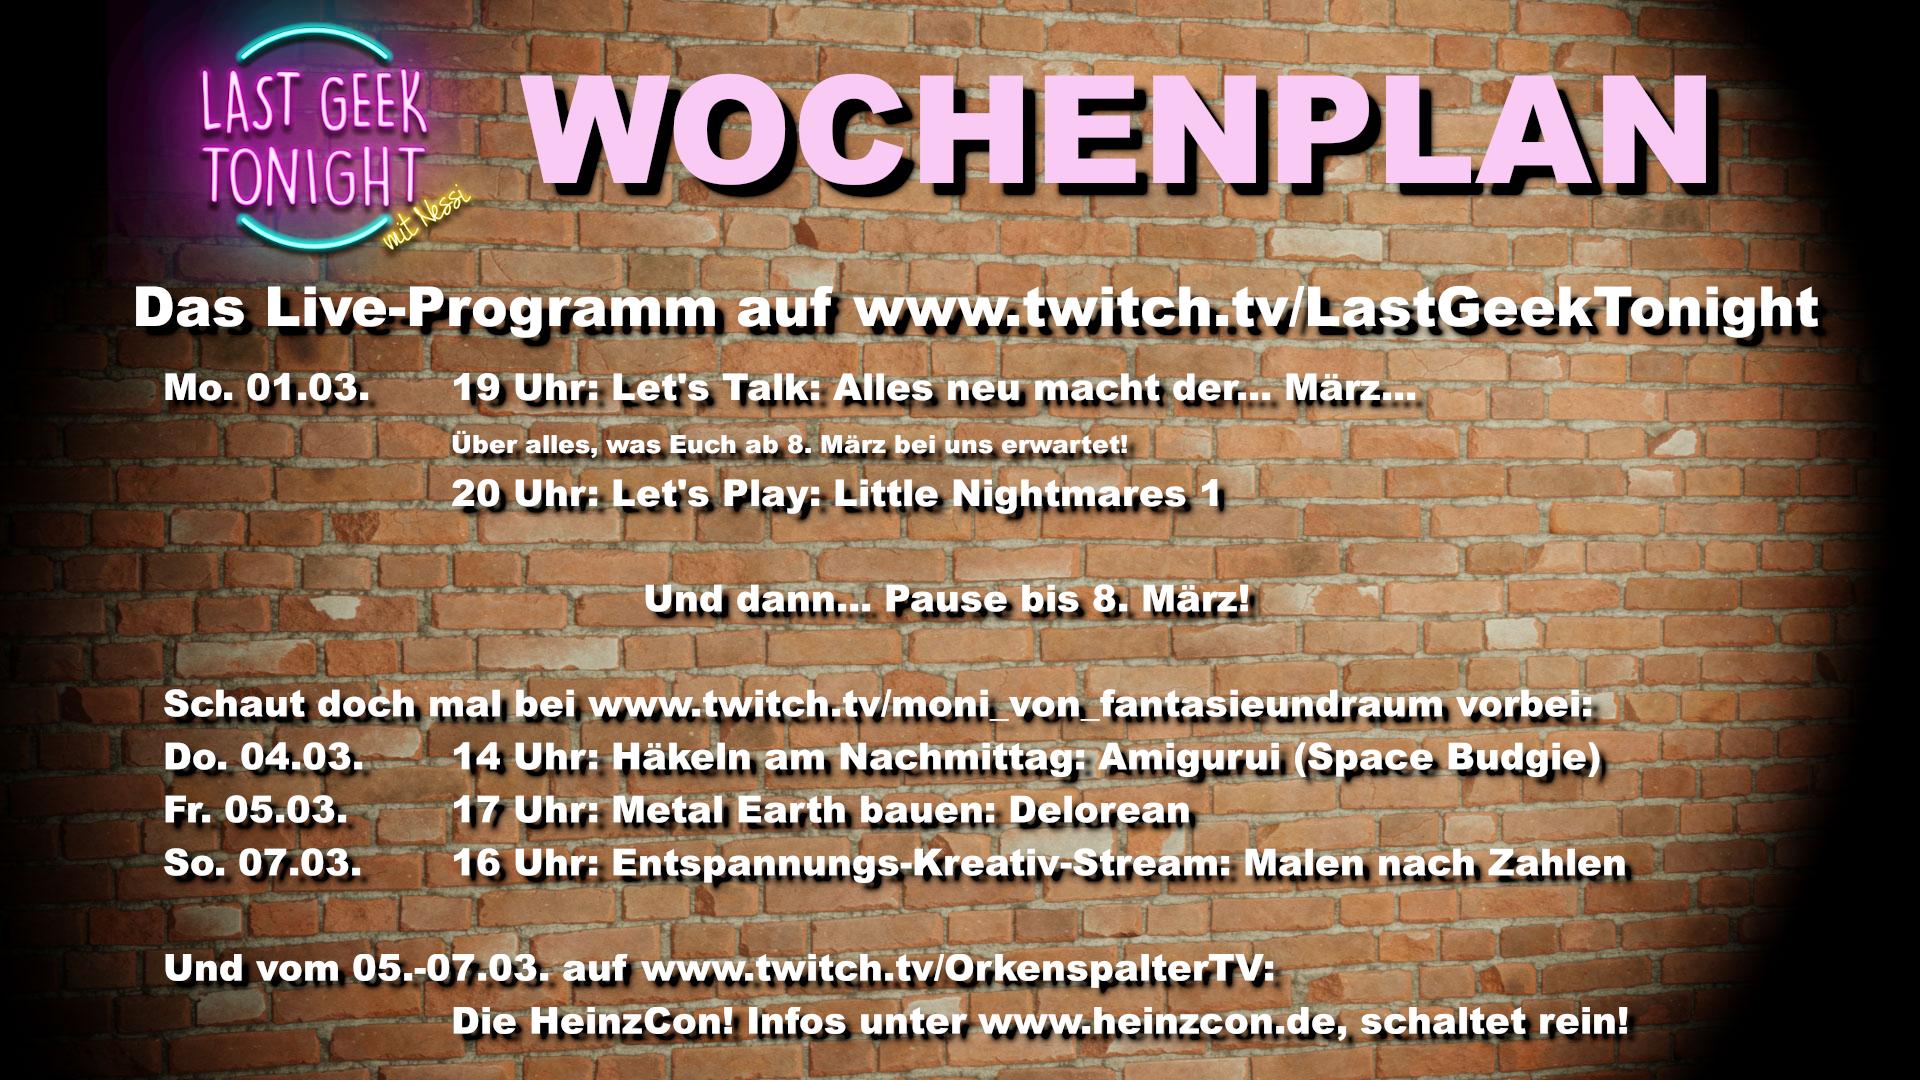 Twitch Wochenplan 1. bis 7 März